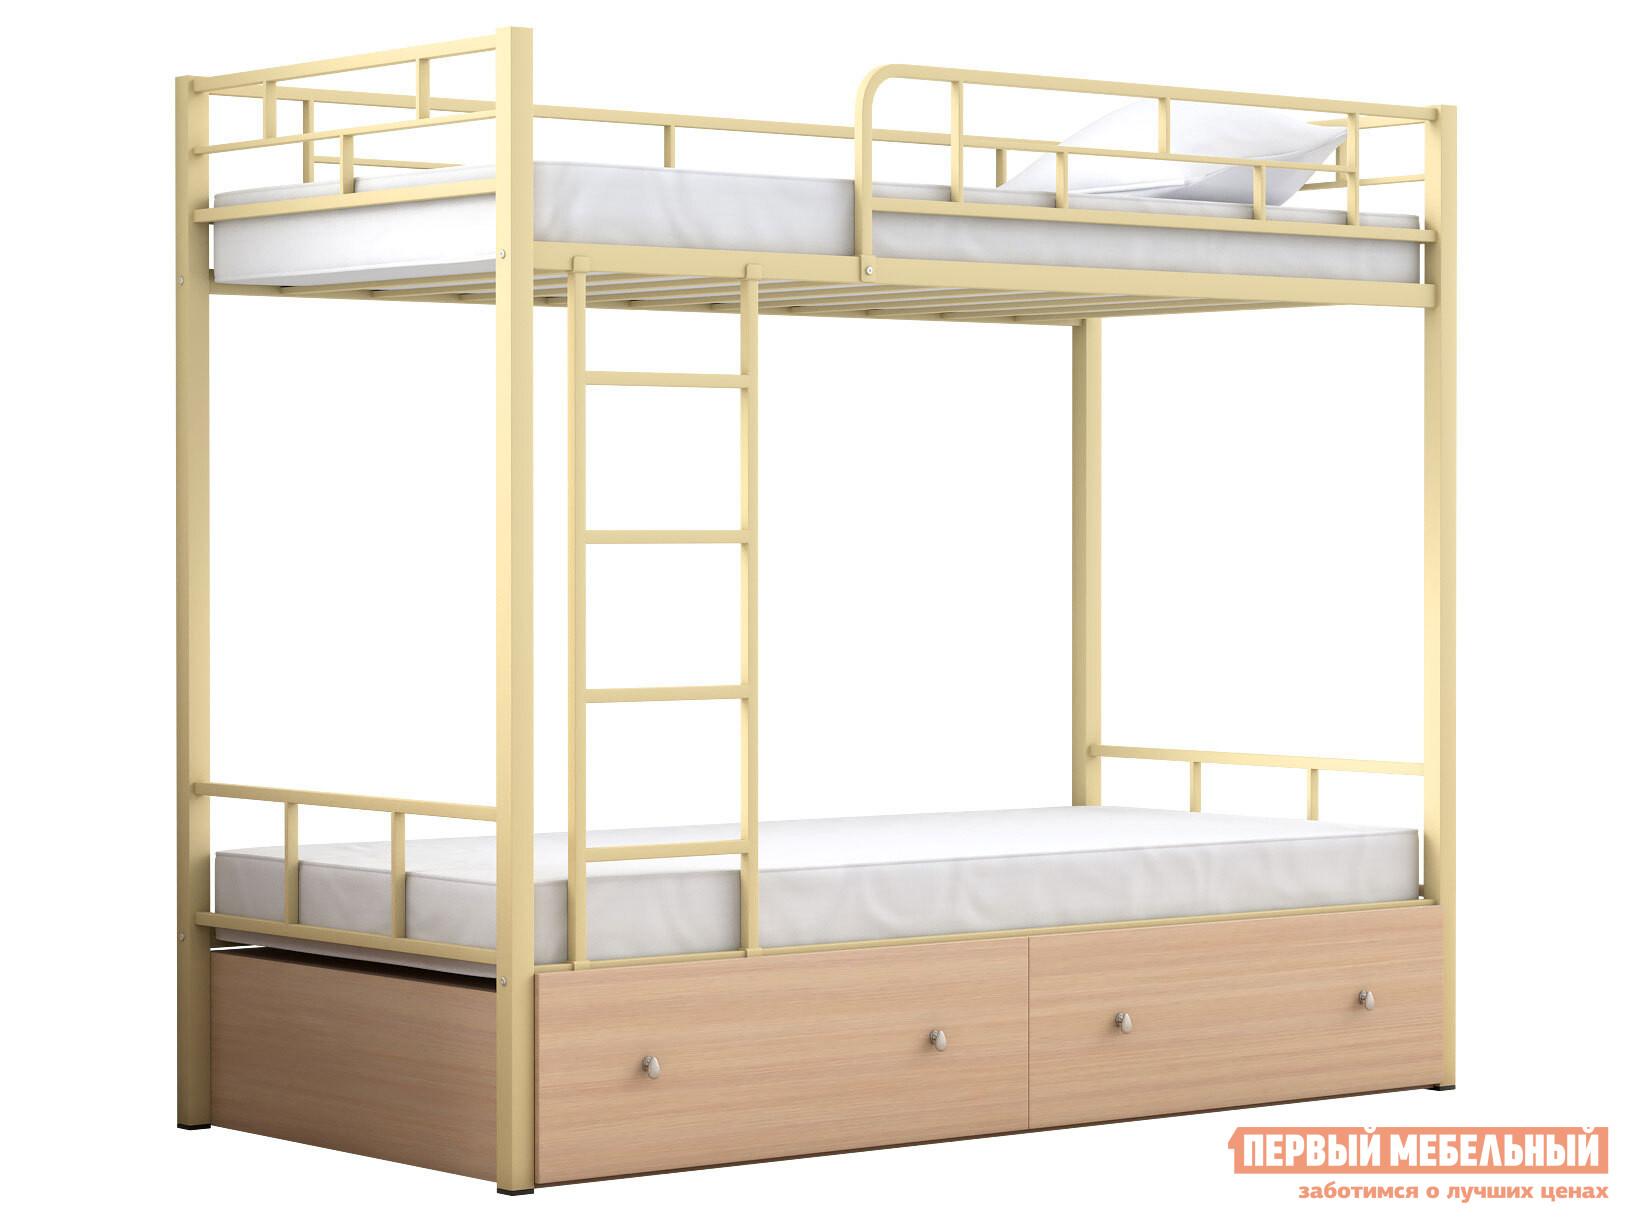 Двухъярусная кровать МФ 4 Сезона Двухъярусная детская кровать Валенсия с ящиками